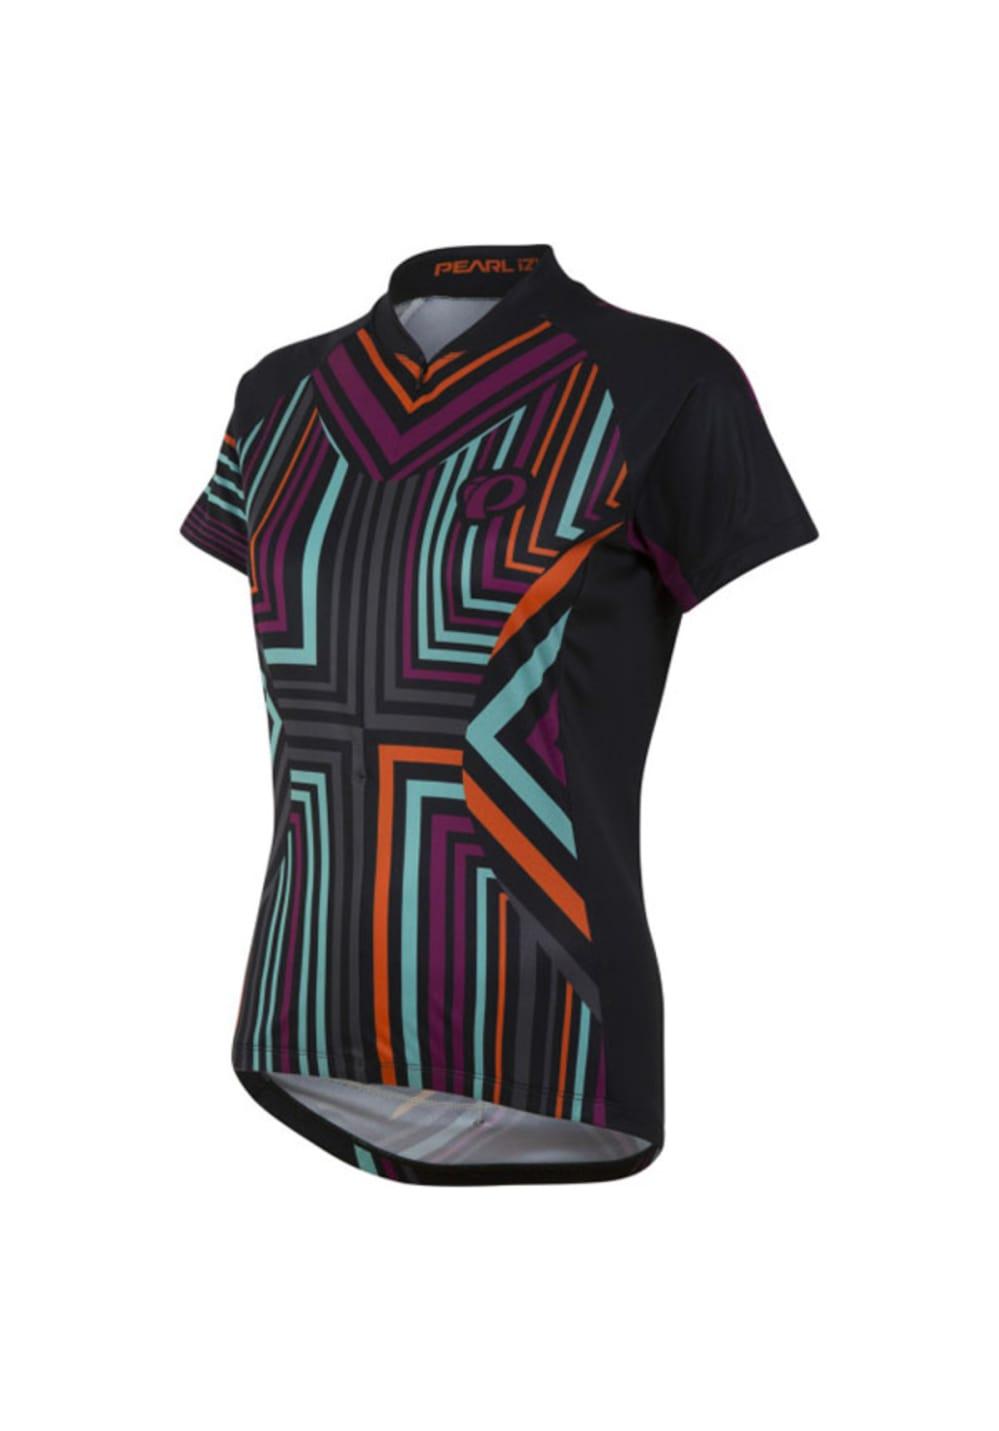 Sportmode für Frauen - Pearl Izumi Select LTD Short Sleeve Jersey Radtrikots für Damen Schwarz  - Onlineshop 21Run